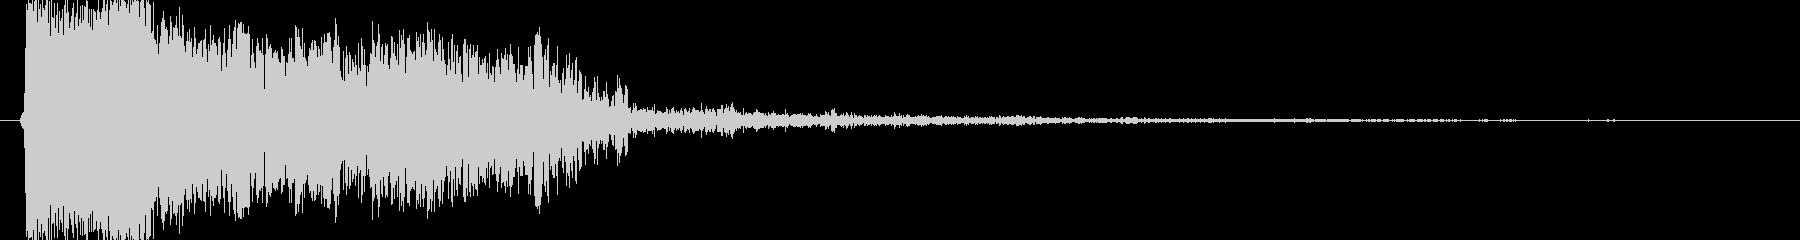 ピシューという派手な音の未再生の波形